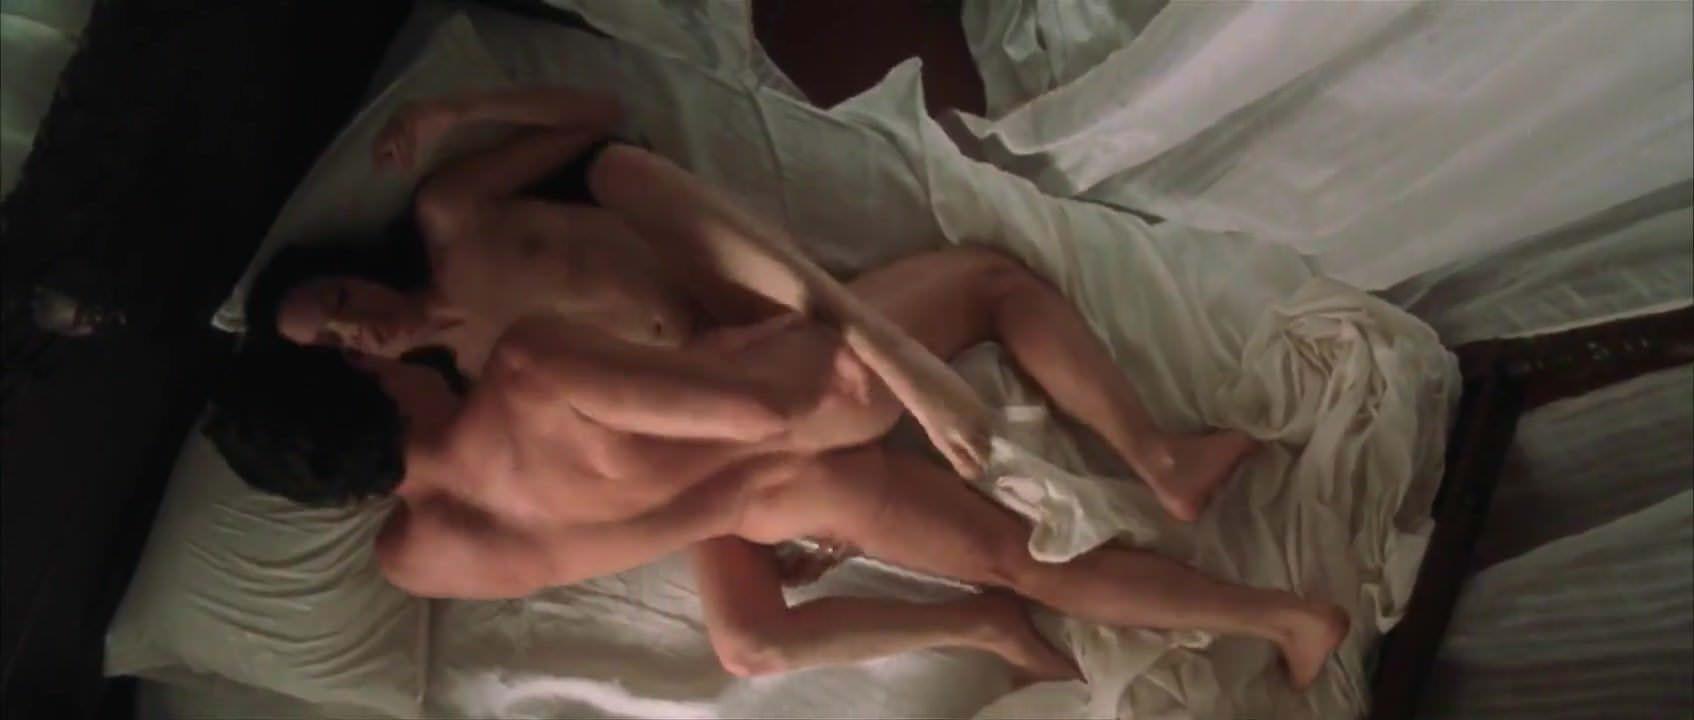 Видео порно в чулках сидит